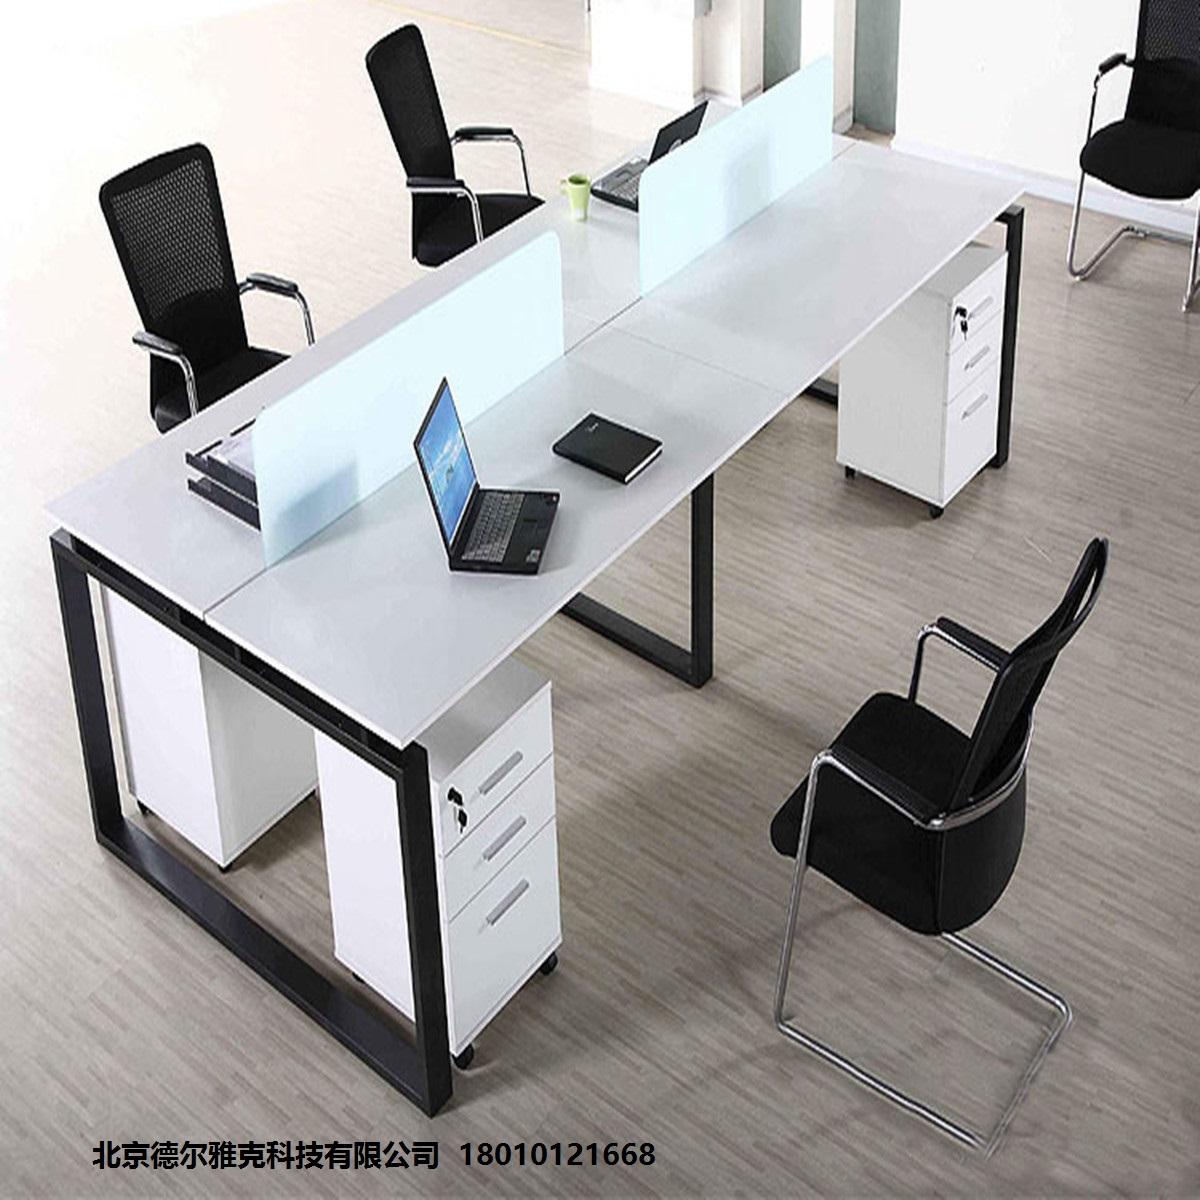 供应北京办公家具价格/办公家具设计/北京办公家具厂家